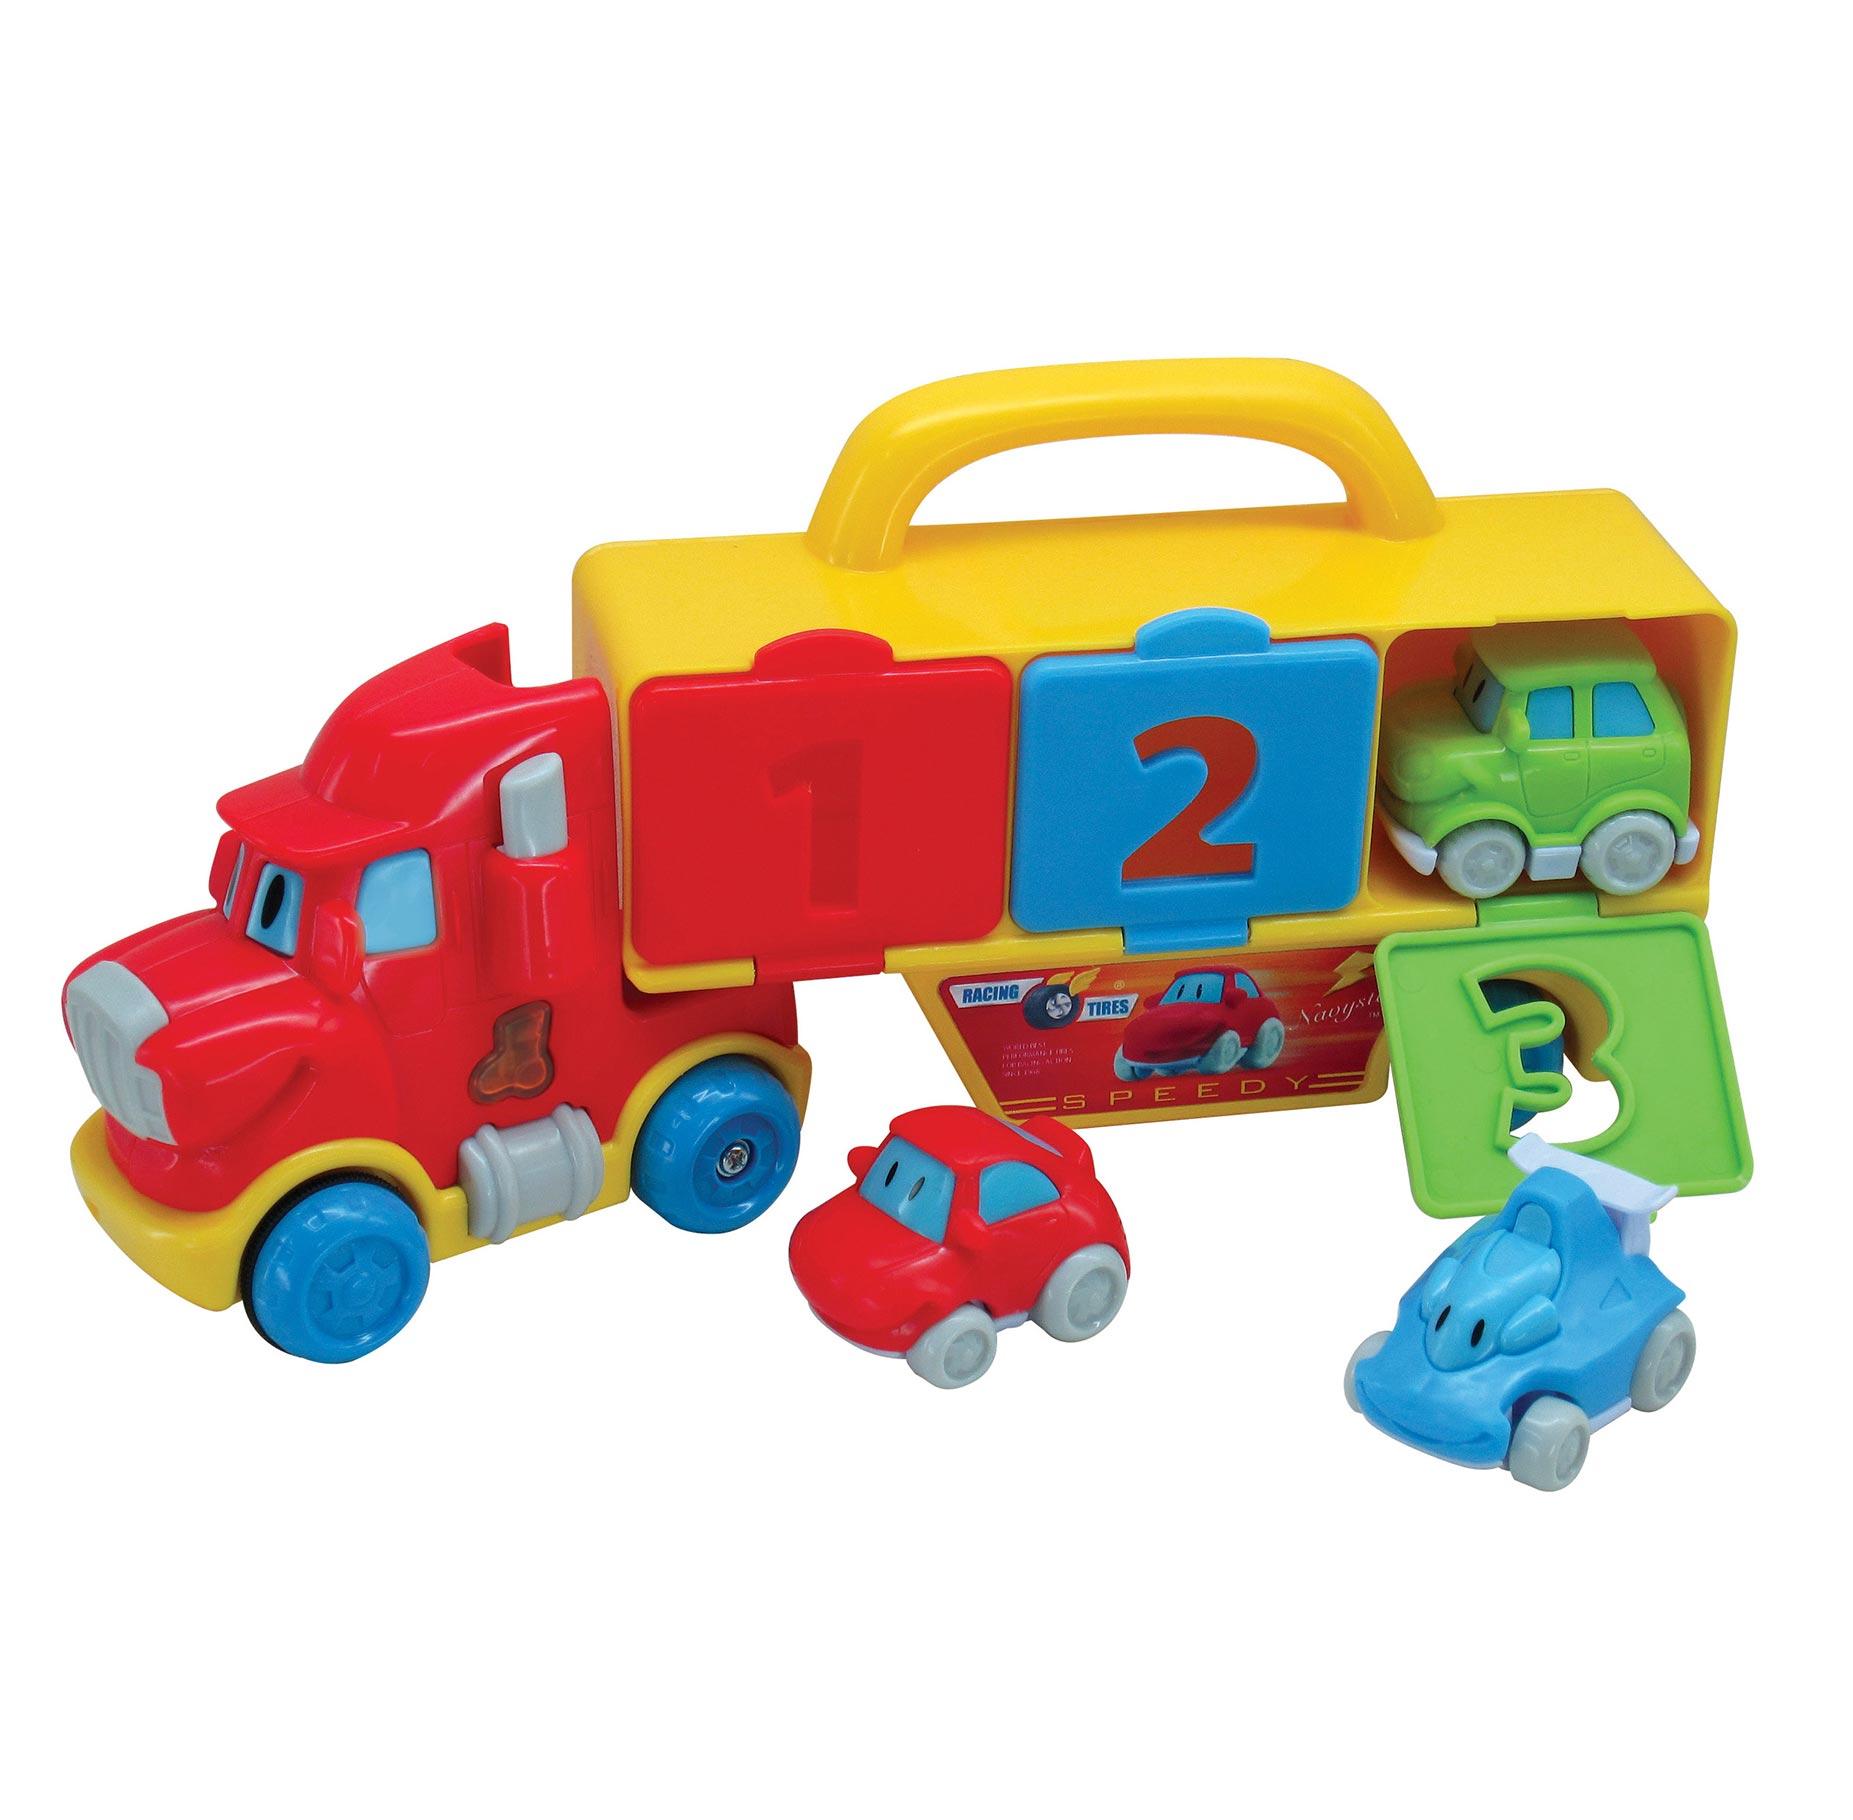 משחק לגיל הרך - וילי המוביל שלוש מכוניות